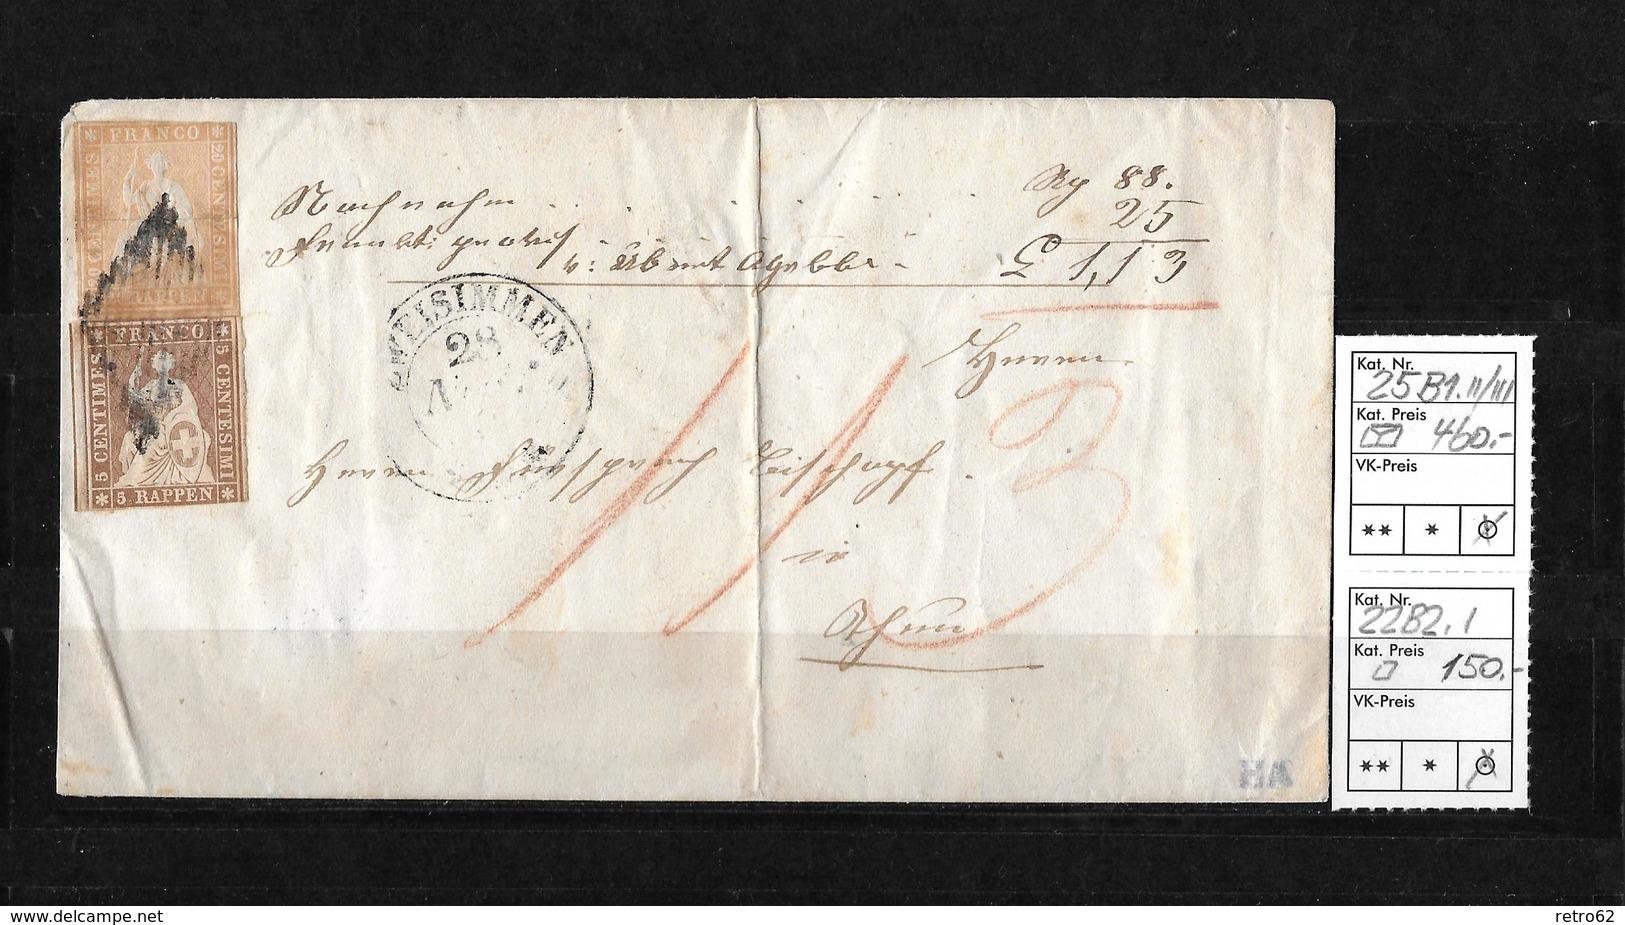 1854-1862 Helvetia (Ungezähnt) Strubel → Rautenentwertung & Rundst. ZWEISIMMEN ►SBK-25B1.II/III & 22B2.I◄ - 1854-1862 Helvetia (Non-dentelés)